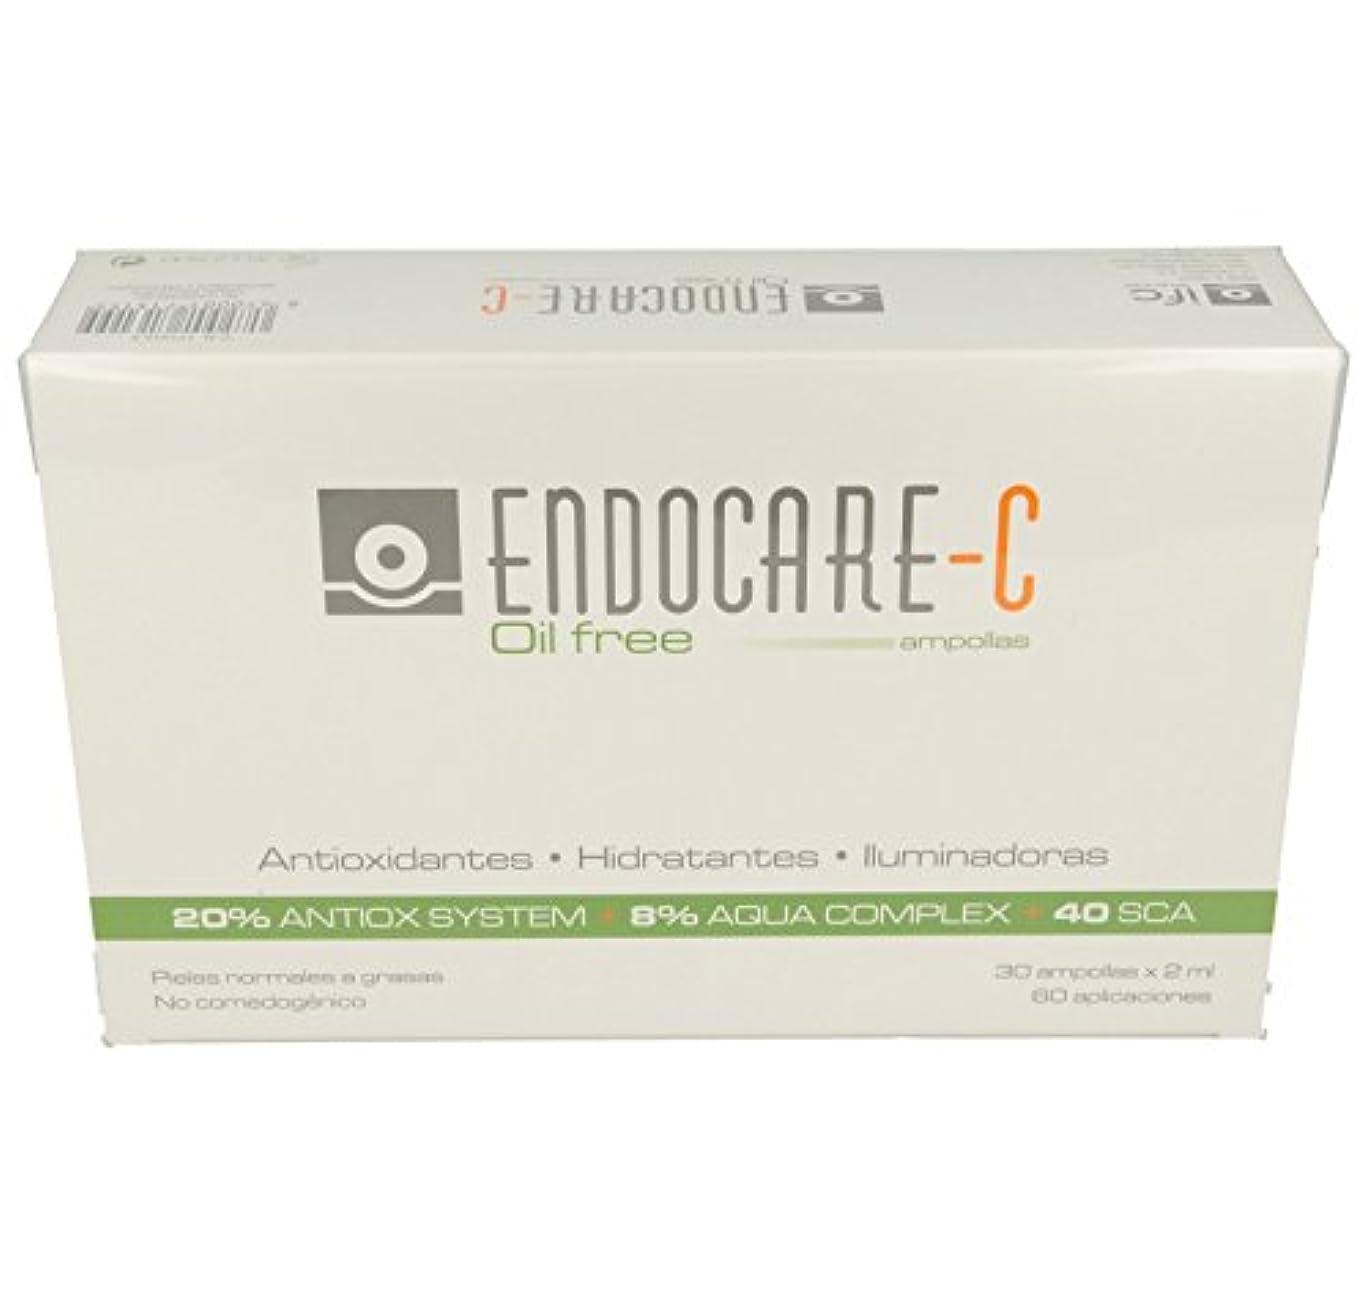 データベース付属品決済ENDOCARE-C Oil Free Ampollas 30x2Ml